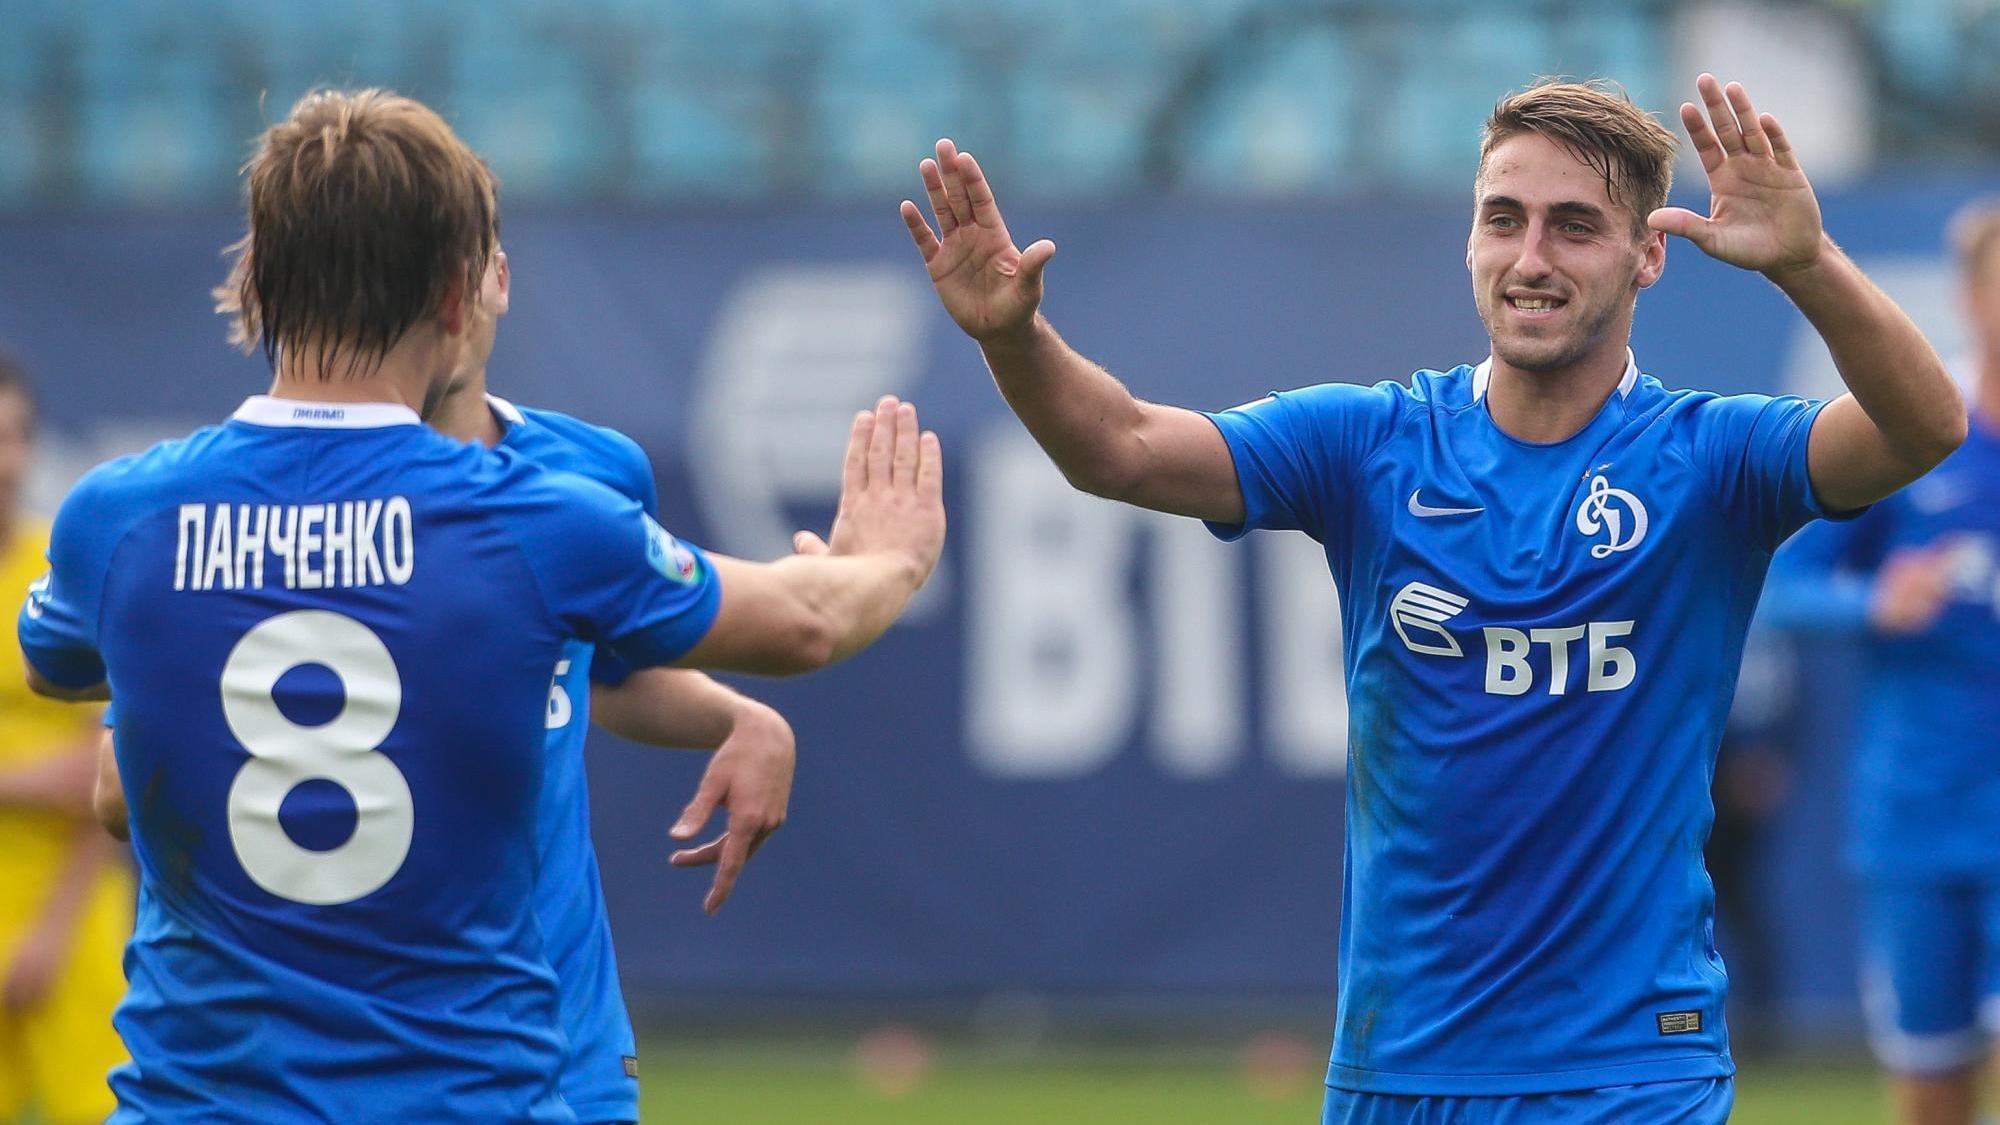 ВФСО «Динамо» приняло предложение ВТБ о закупке 0,75 акций футбольного клуба